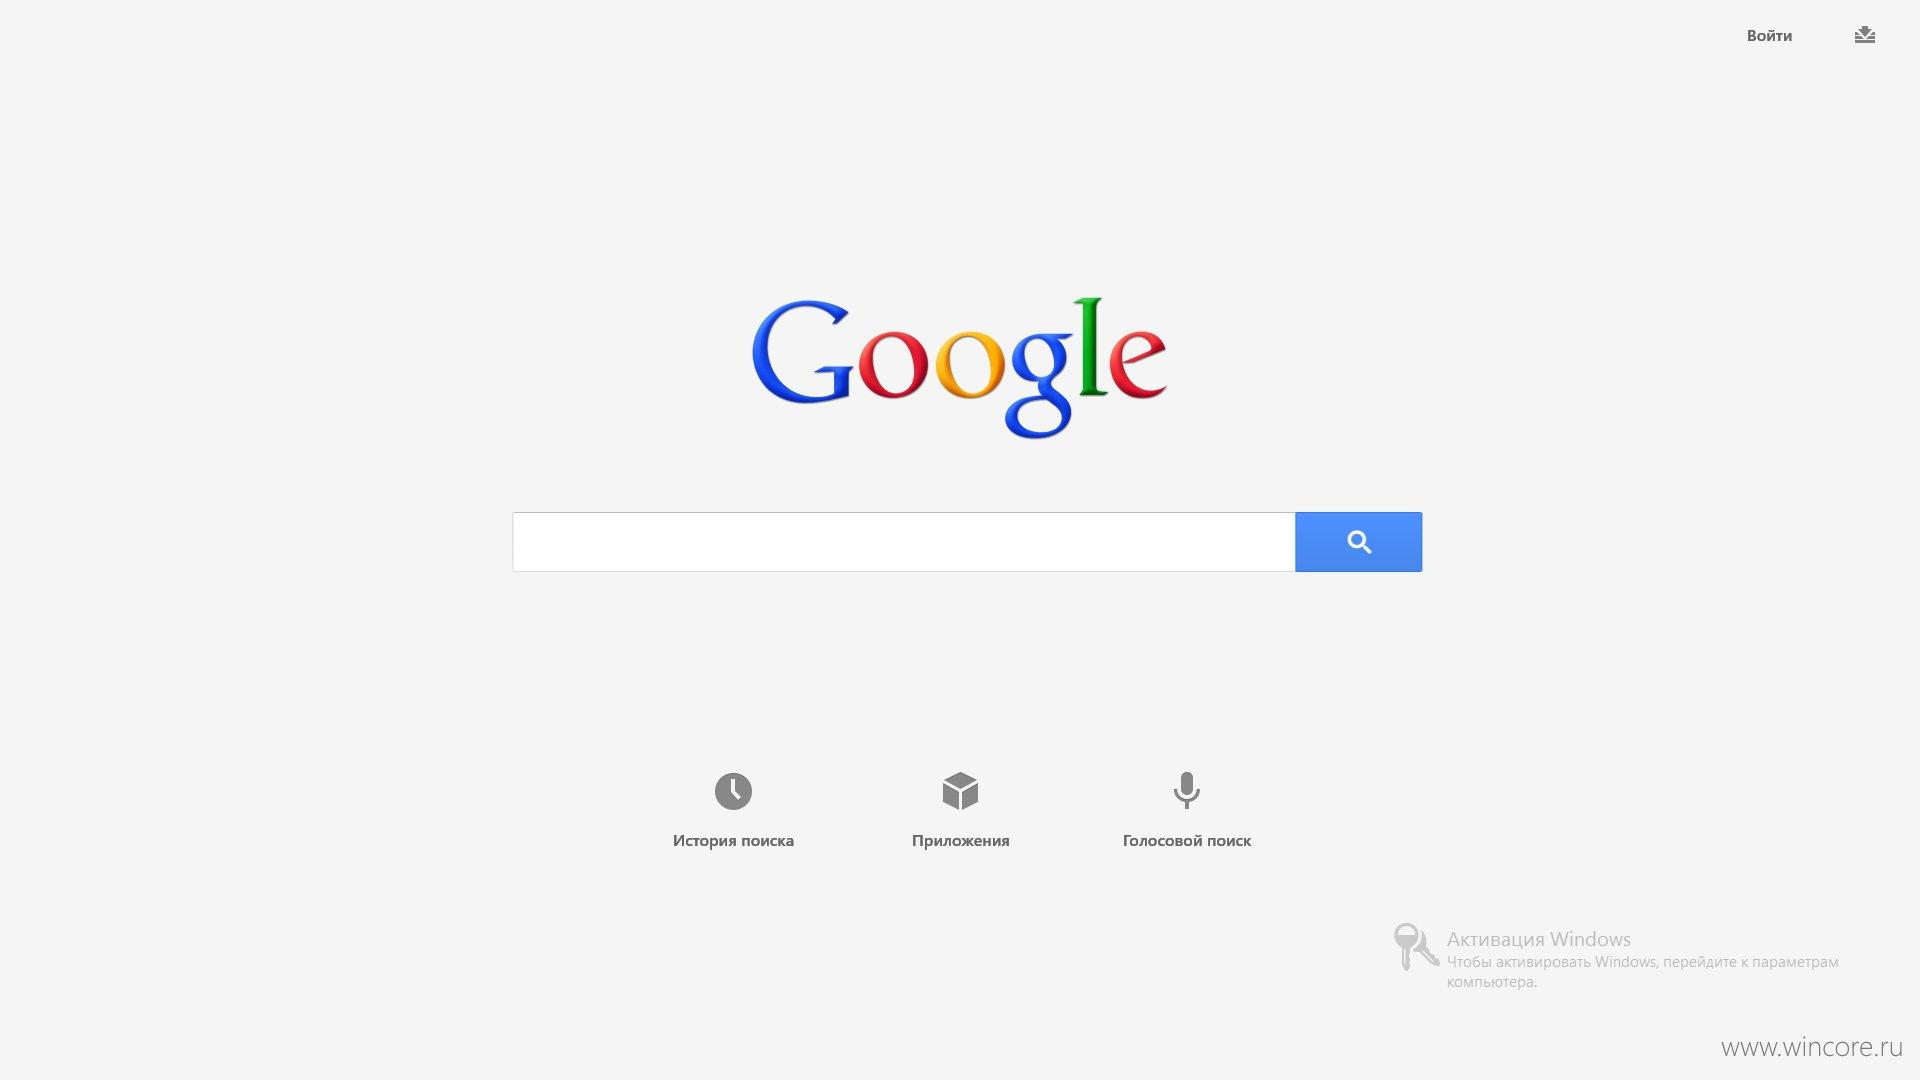 поиск в гугл по фотографии